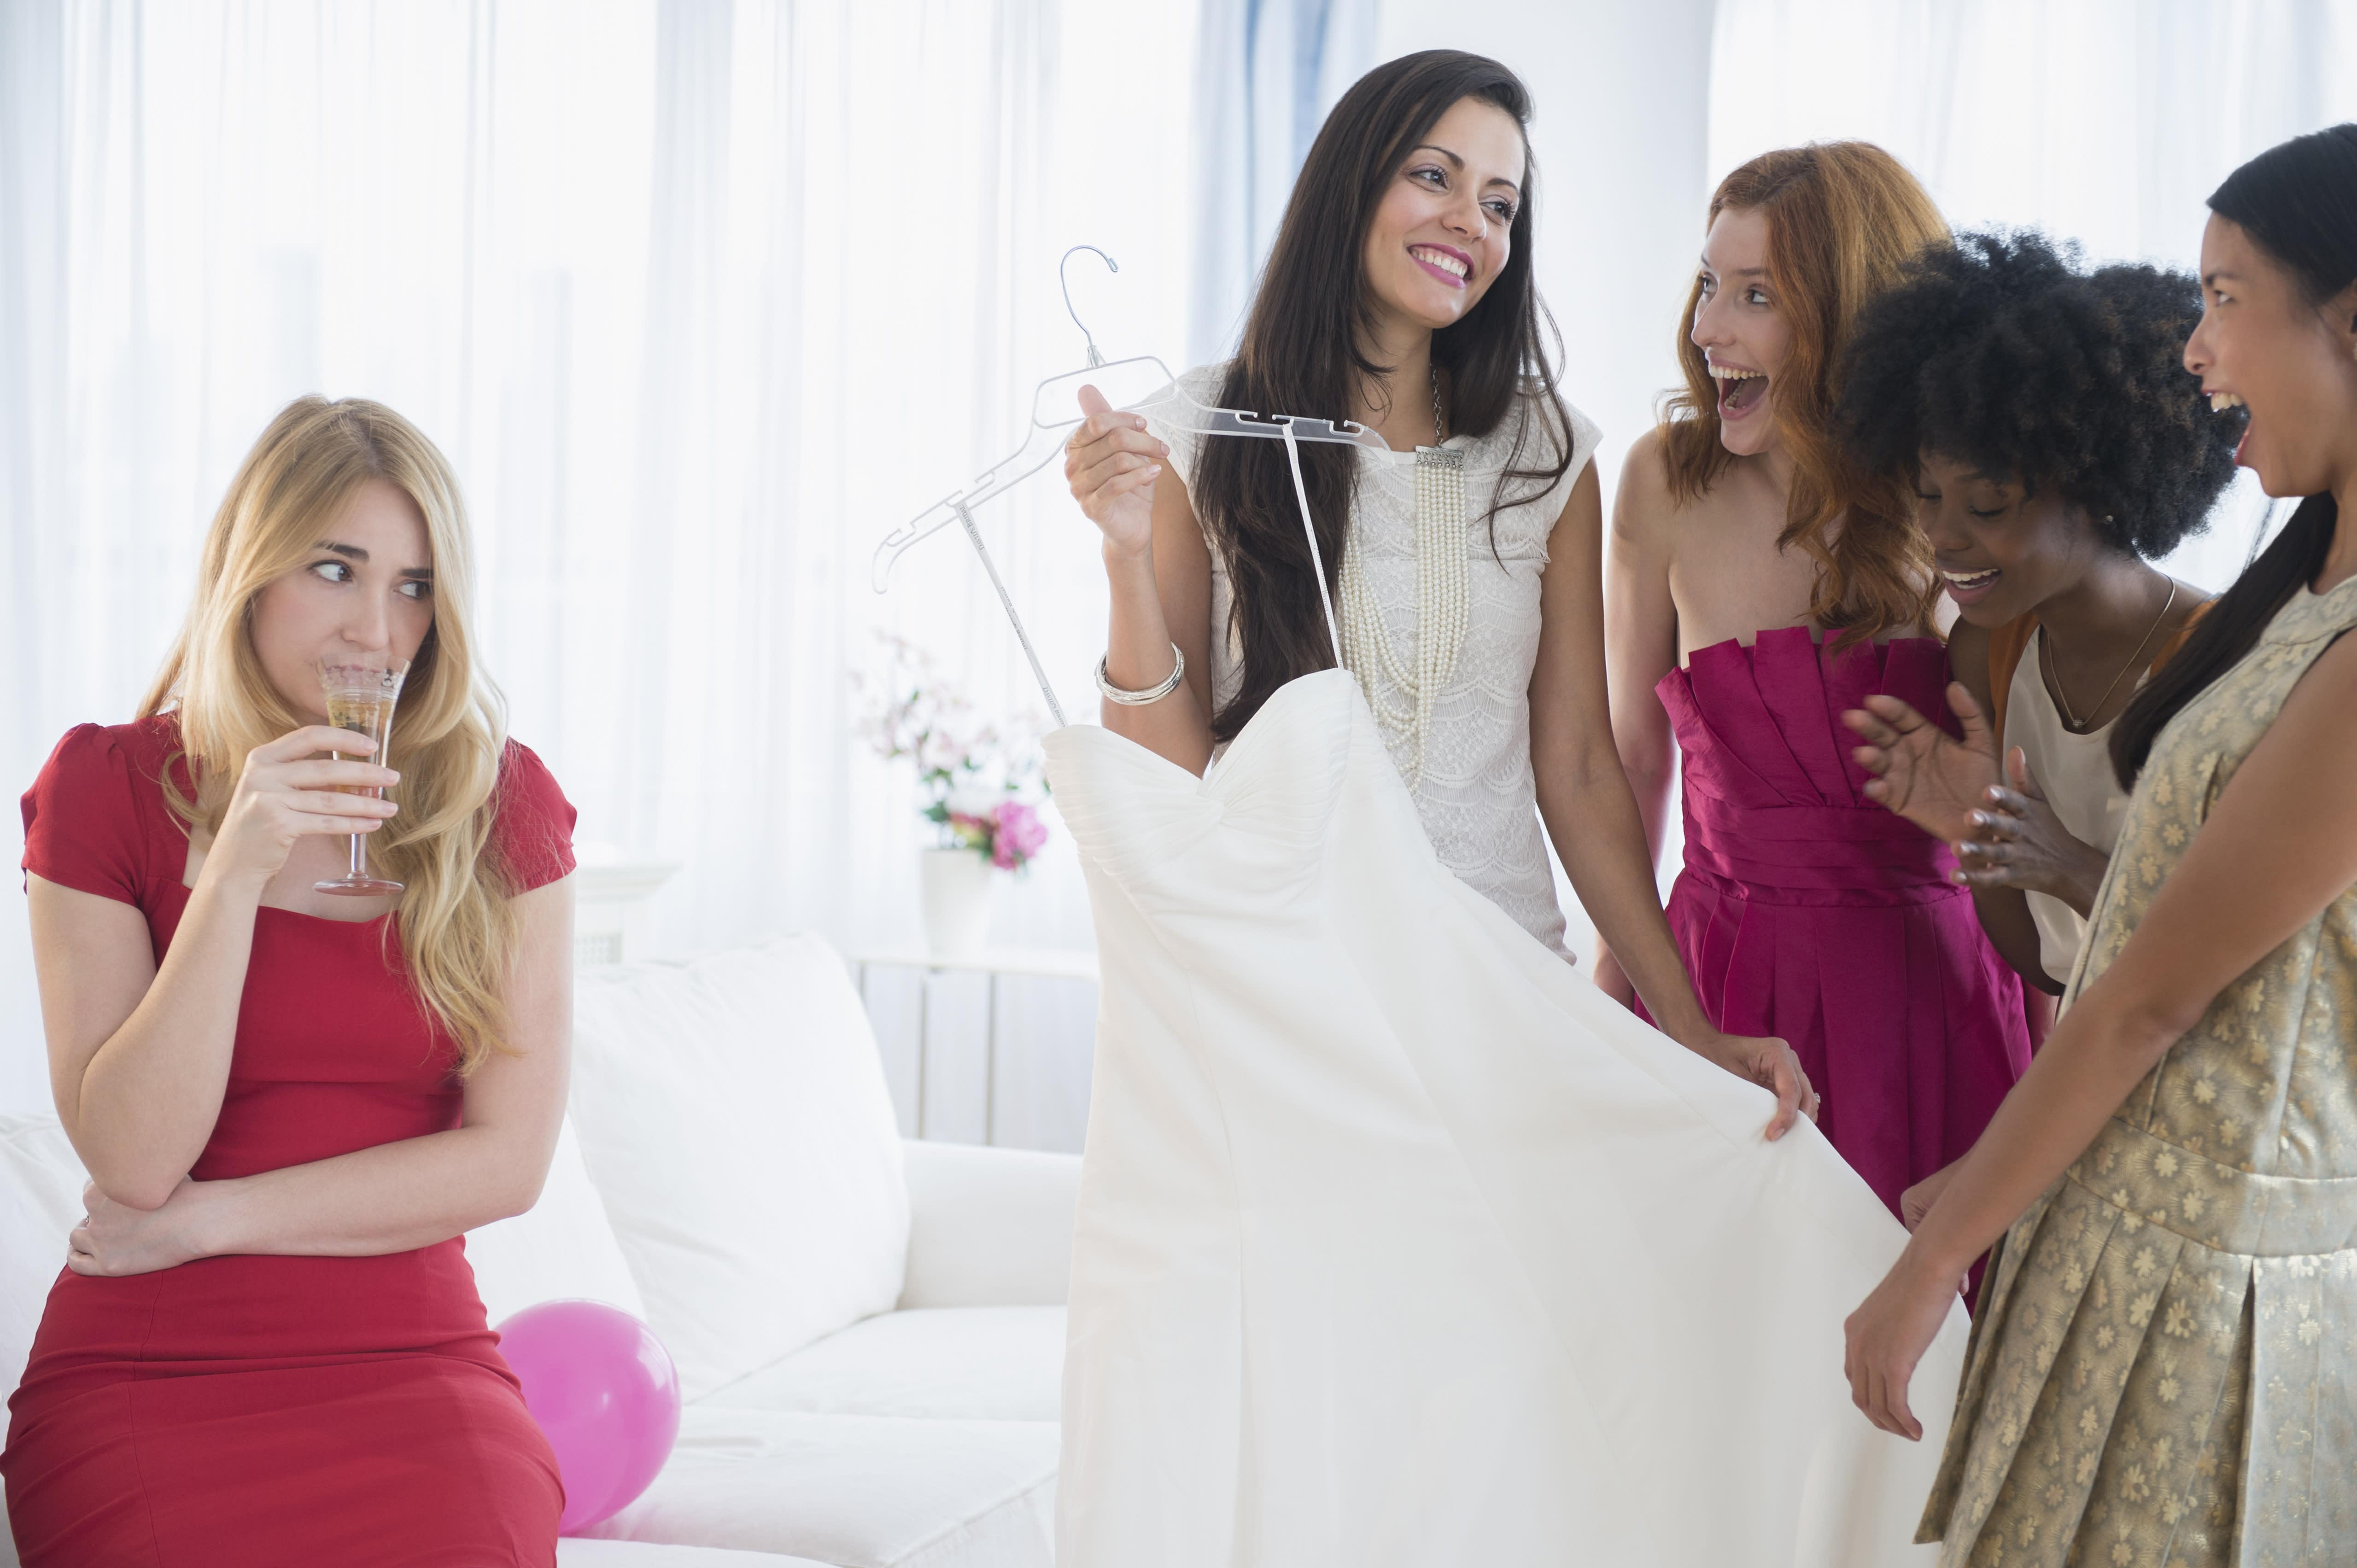 Bride hits out at bridesmaid after drastic pre-wedding haircut